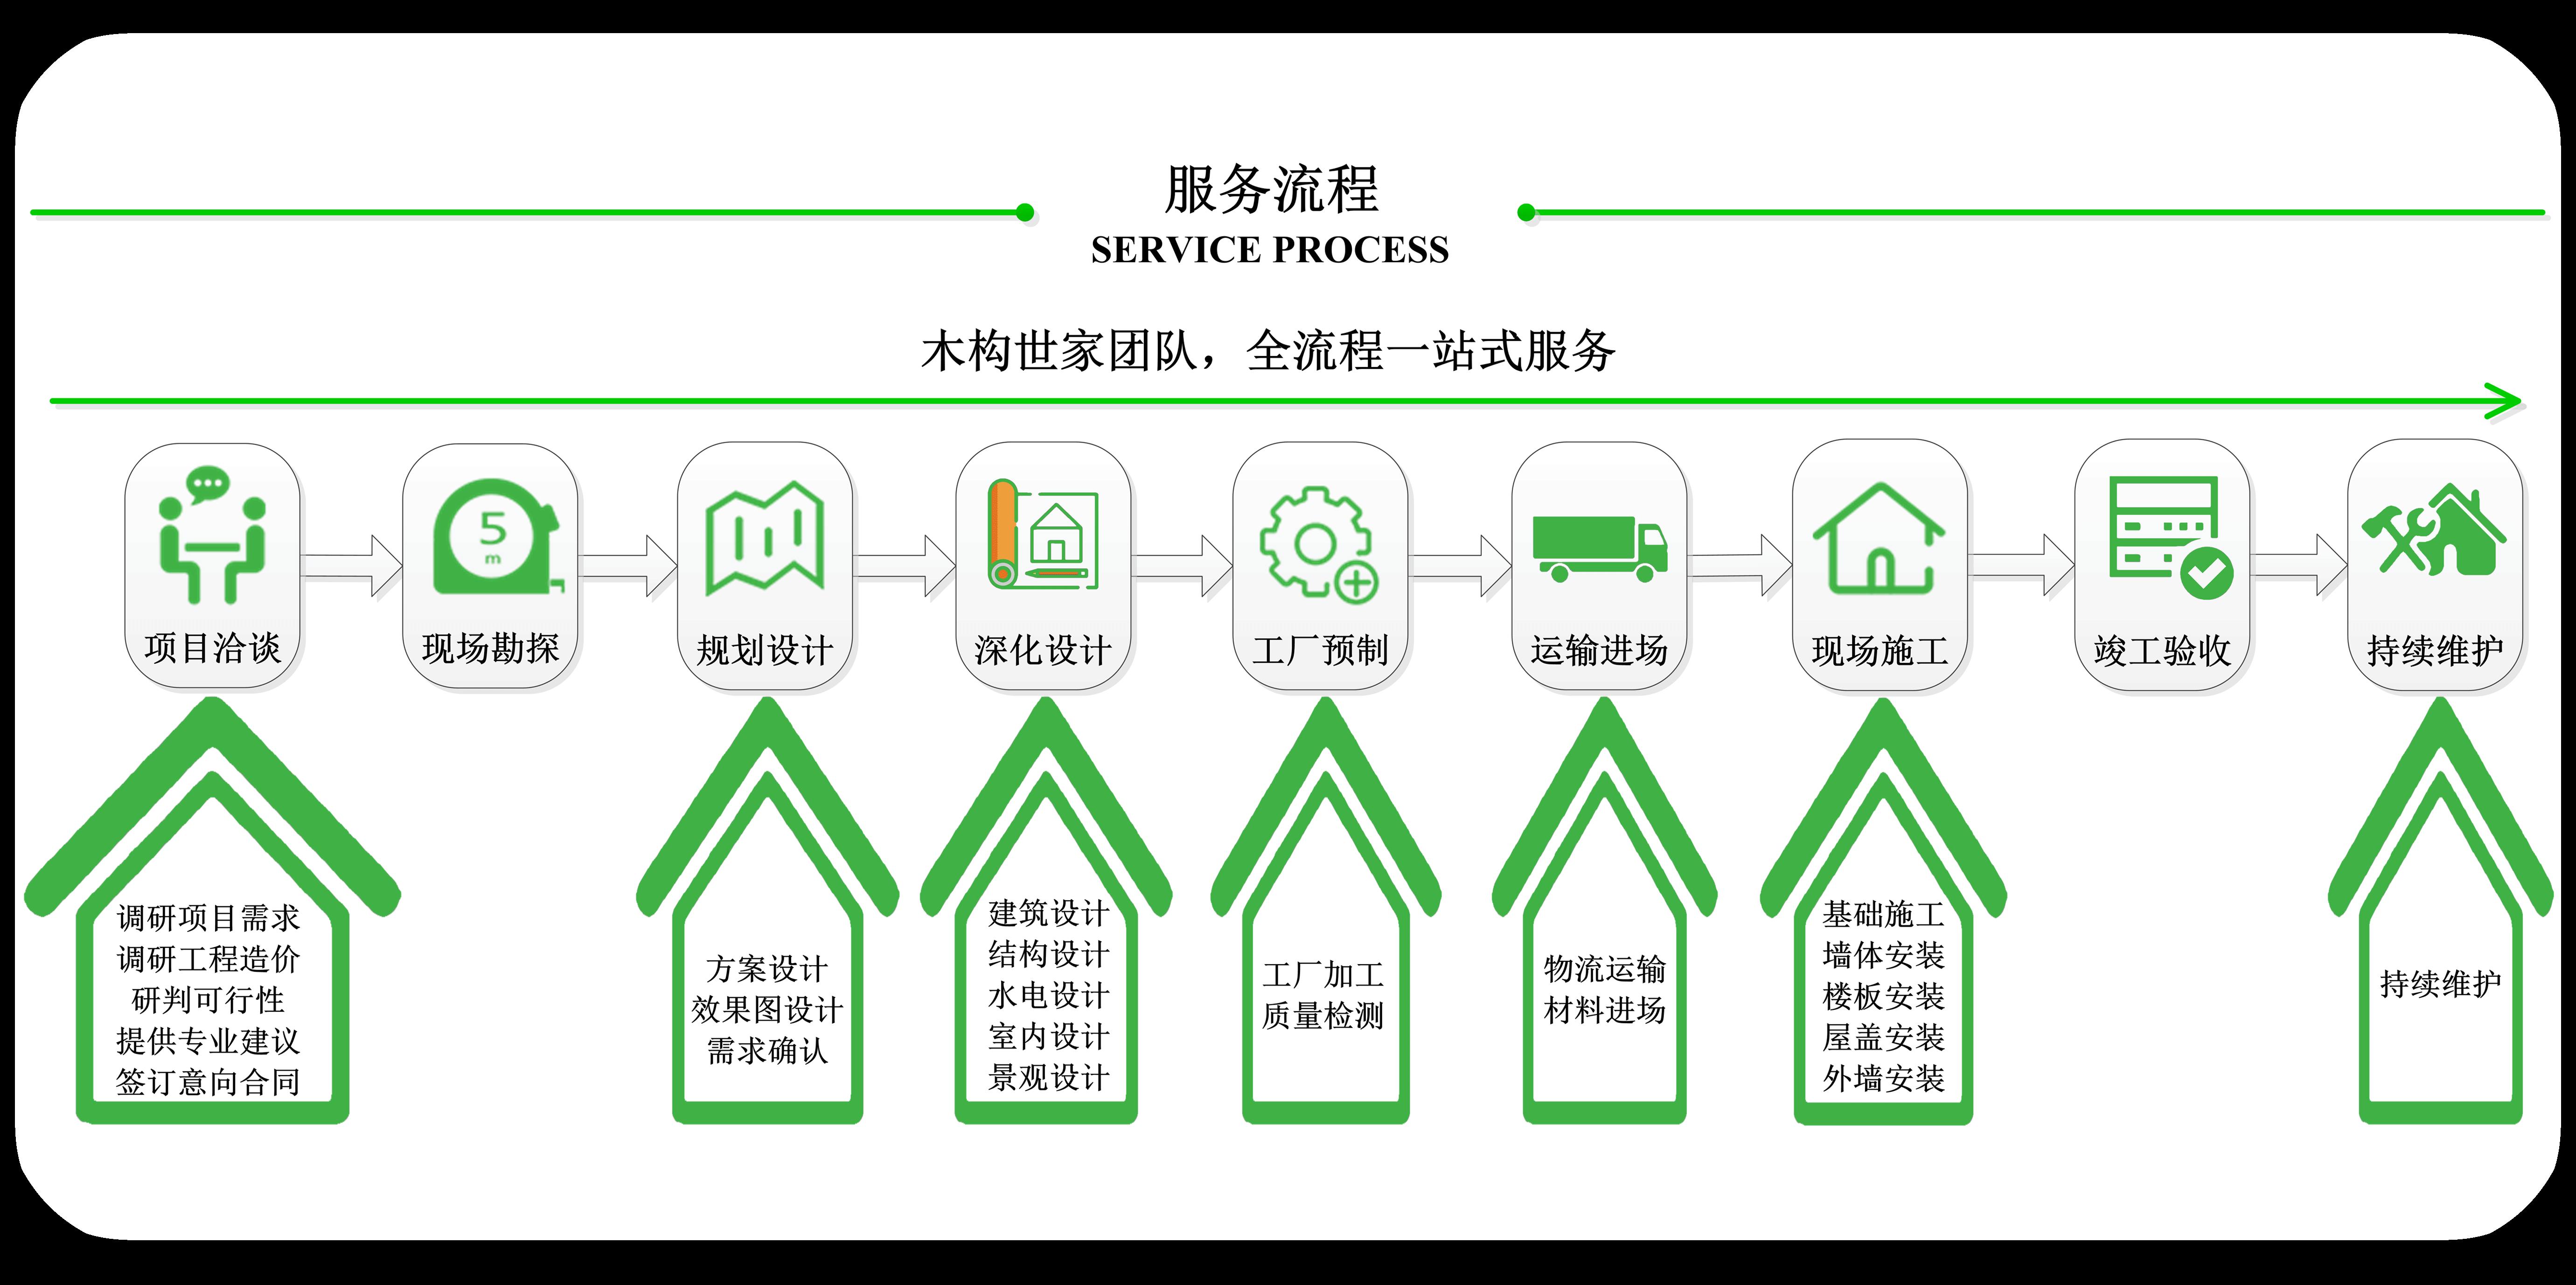 木屋厂家服务流程